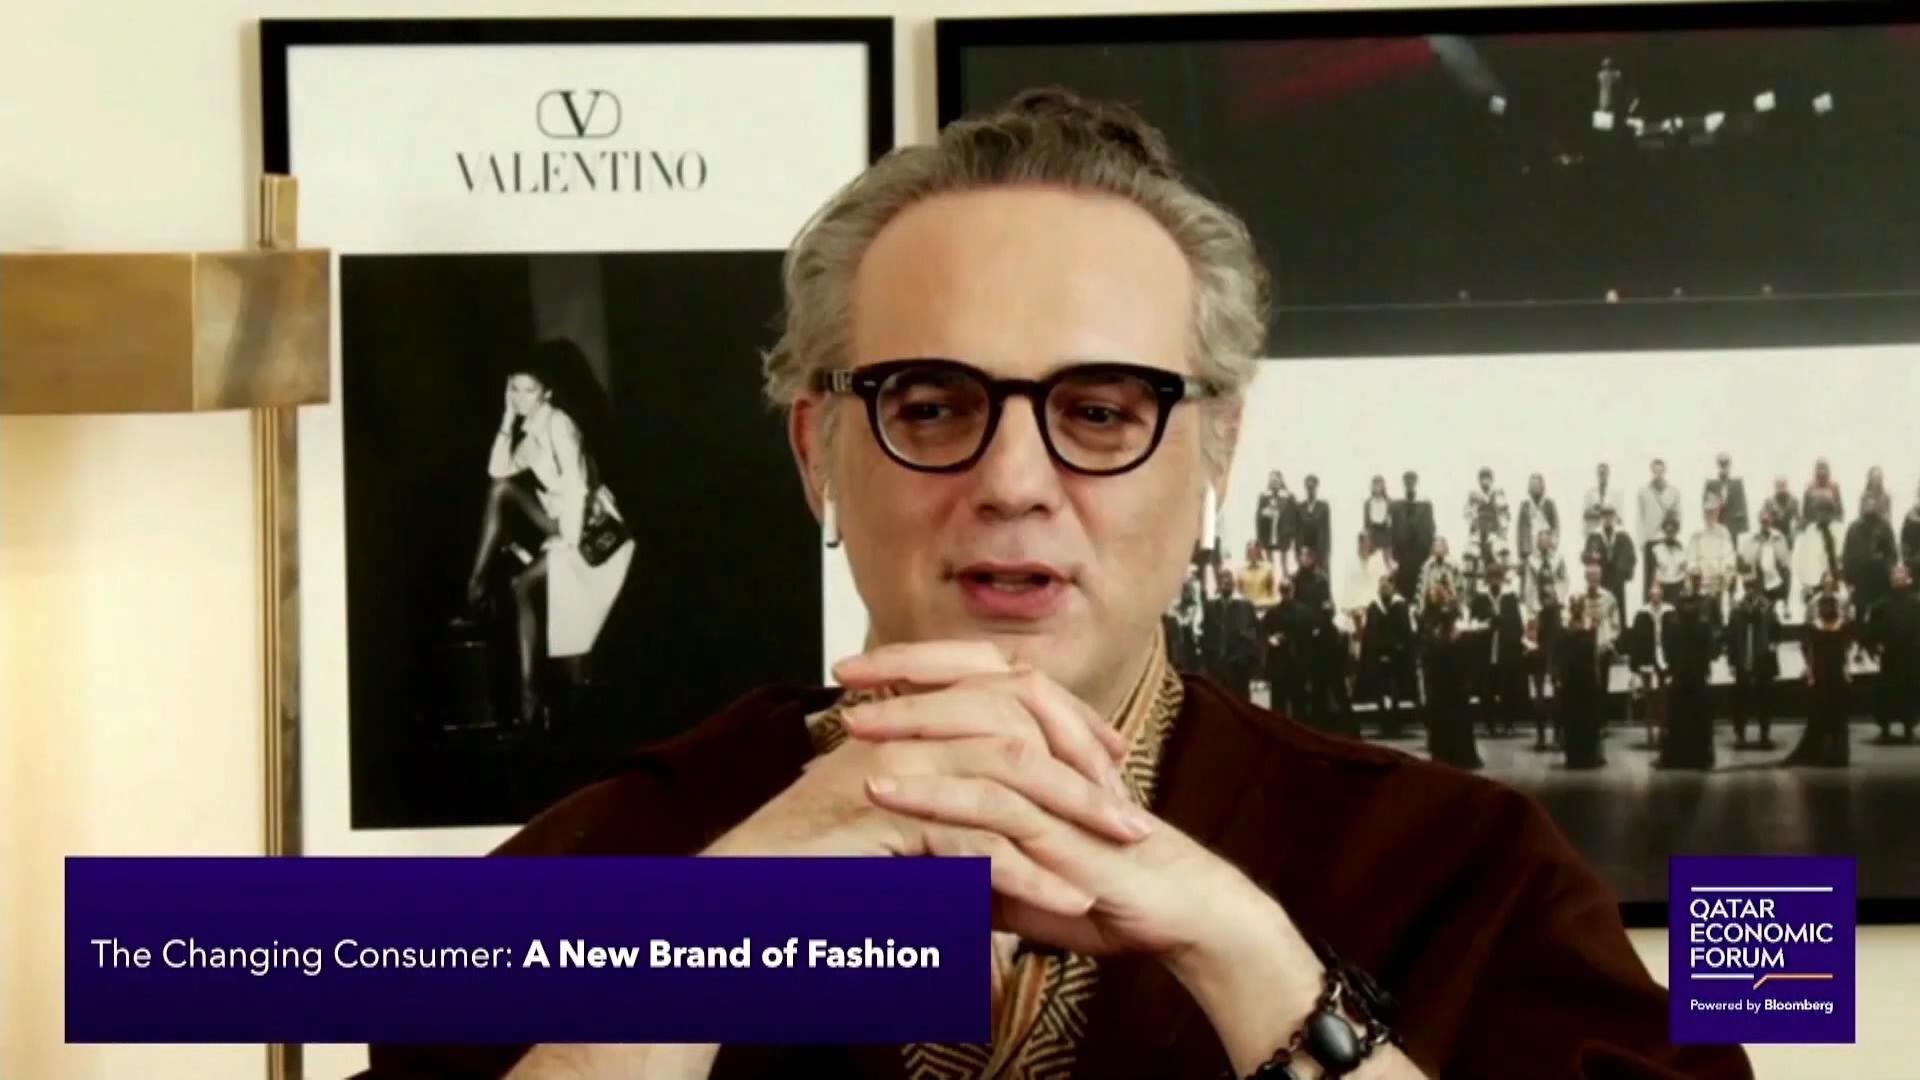 Valentino CEO on Future of Fashion